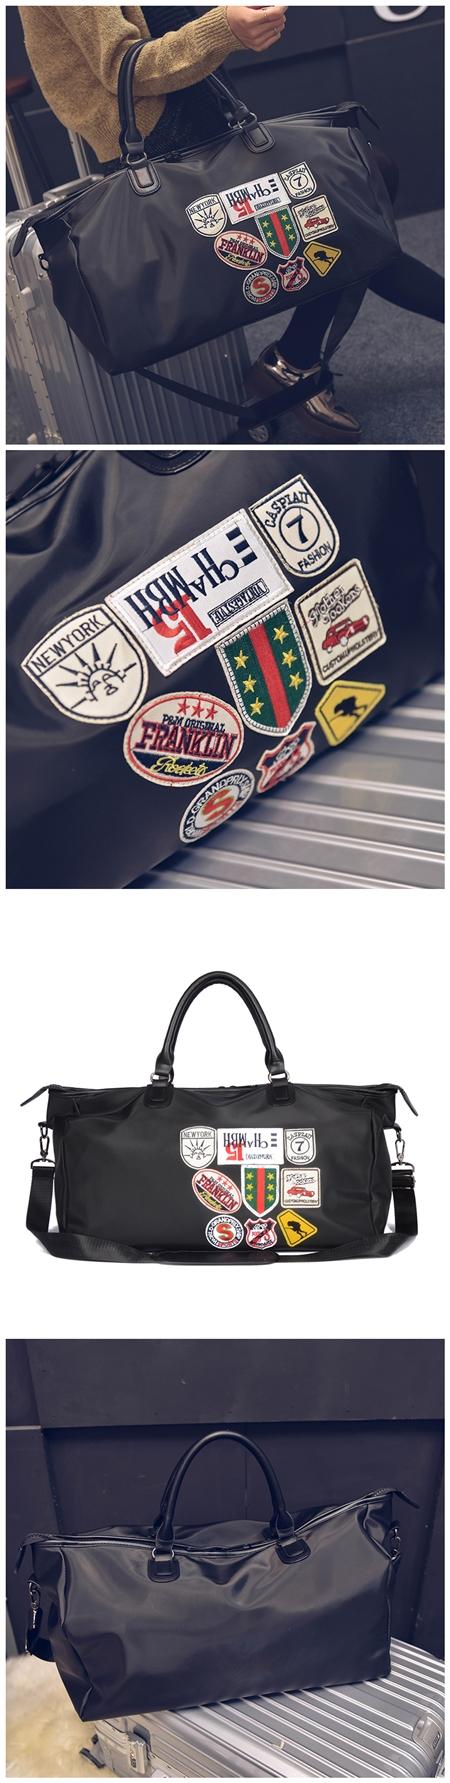 8c11eaabd7 Women s Sport Gym Bag Outdoor Waterproof Handbag School Fitness Bag ...